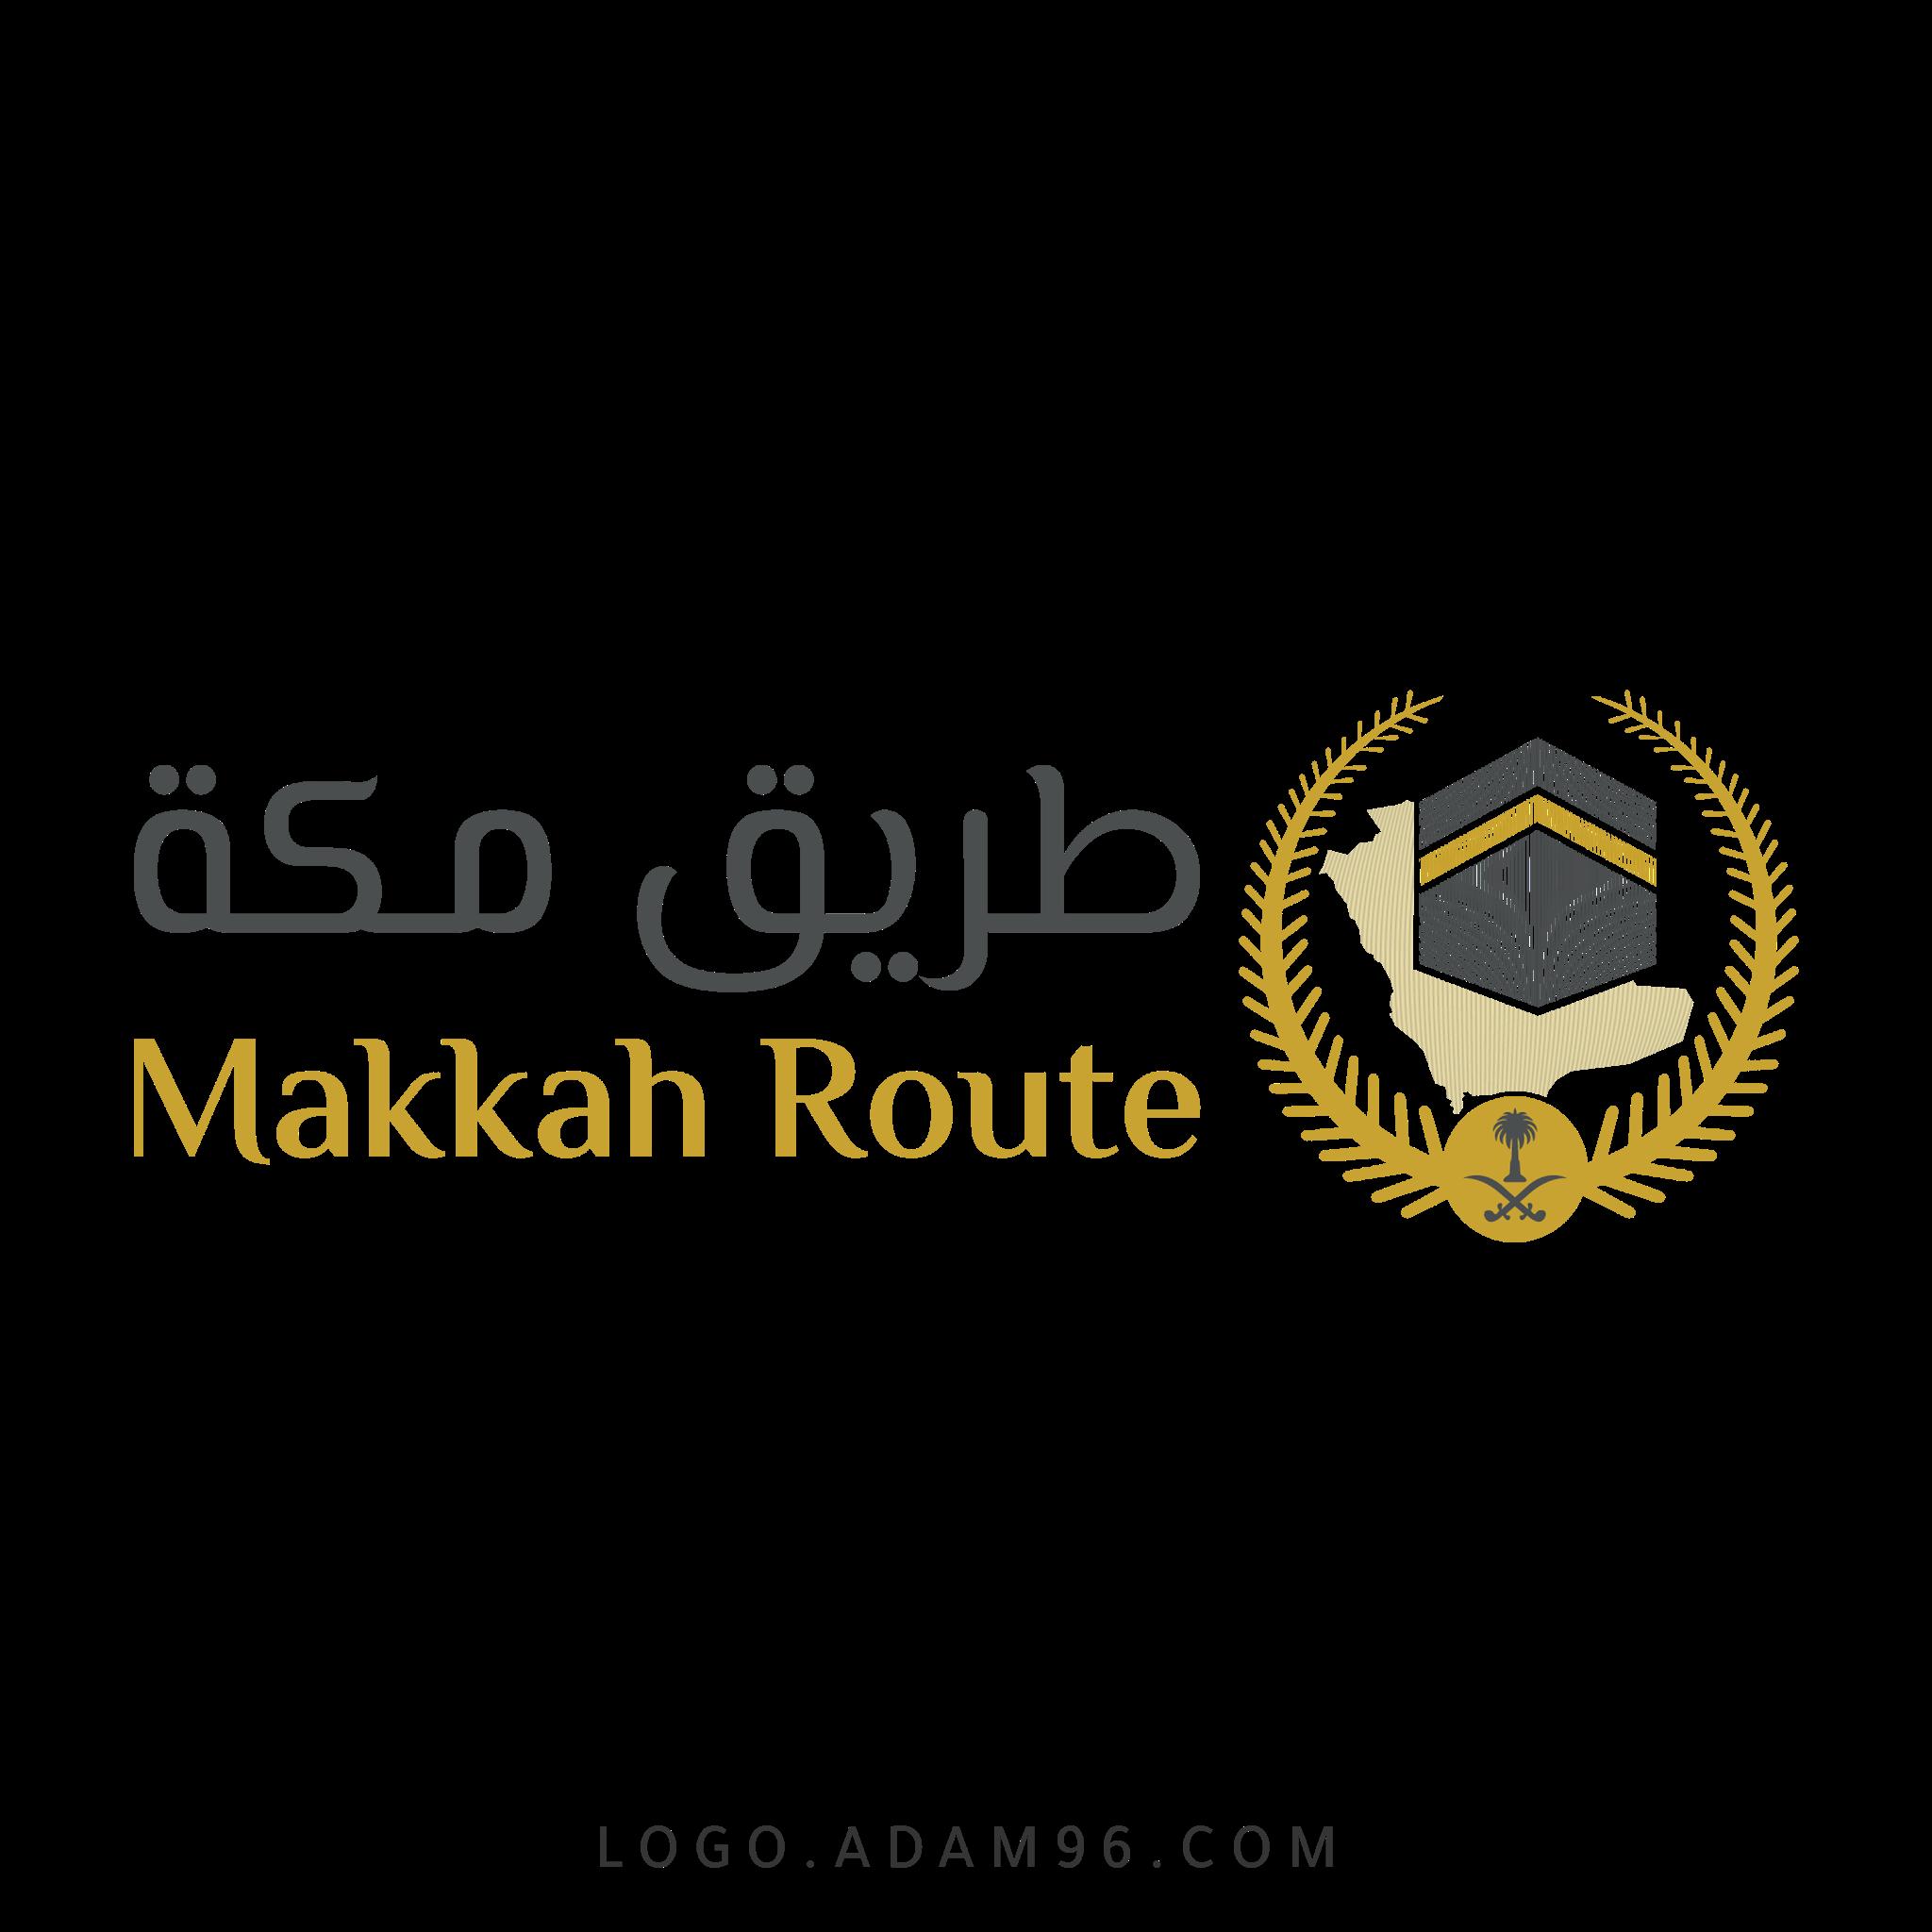 تحميل شعار طريق مكة لوجو رسمي عالي الدقة بصيغة PNG